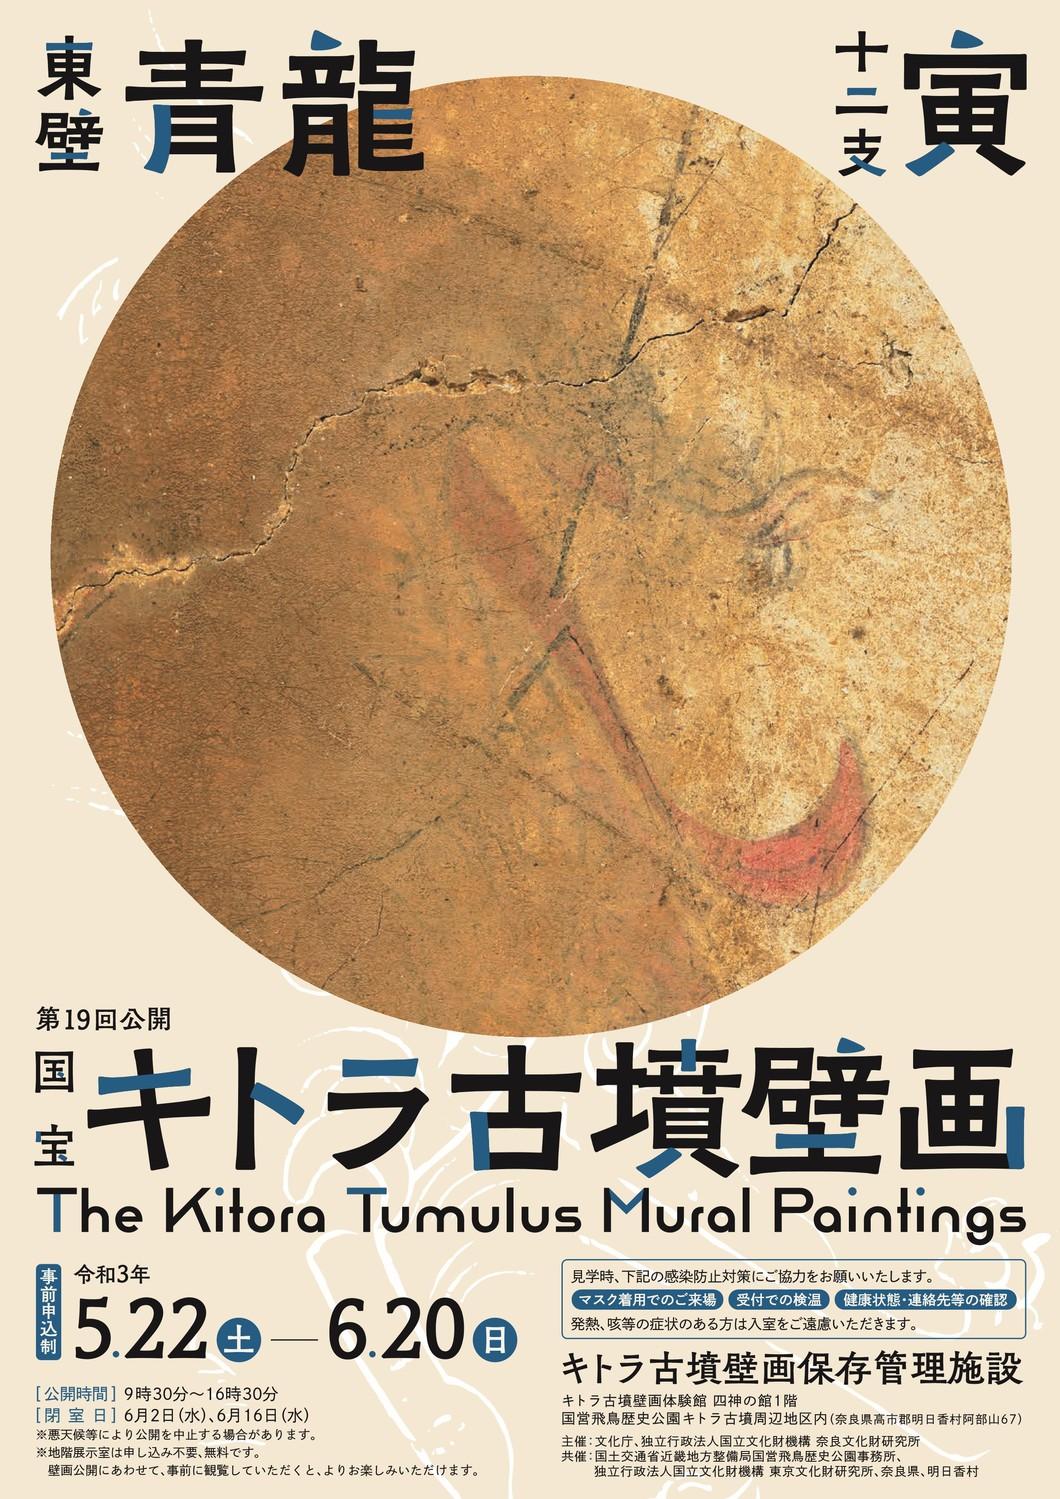 【キトラ古墳】令和3年度国宝キトラ古墳壁画の公開(第19回)